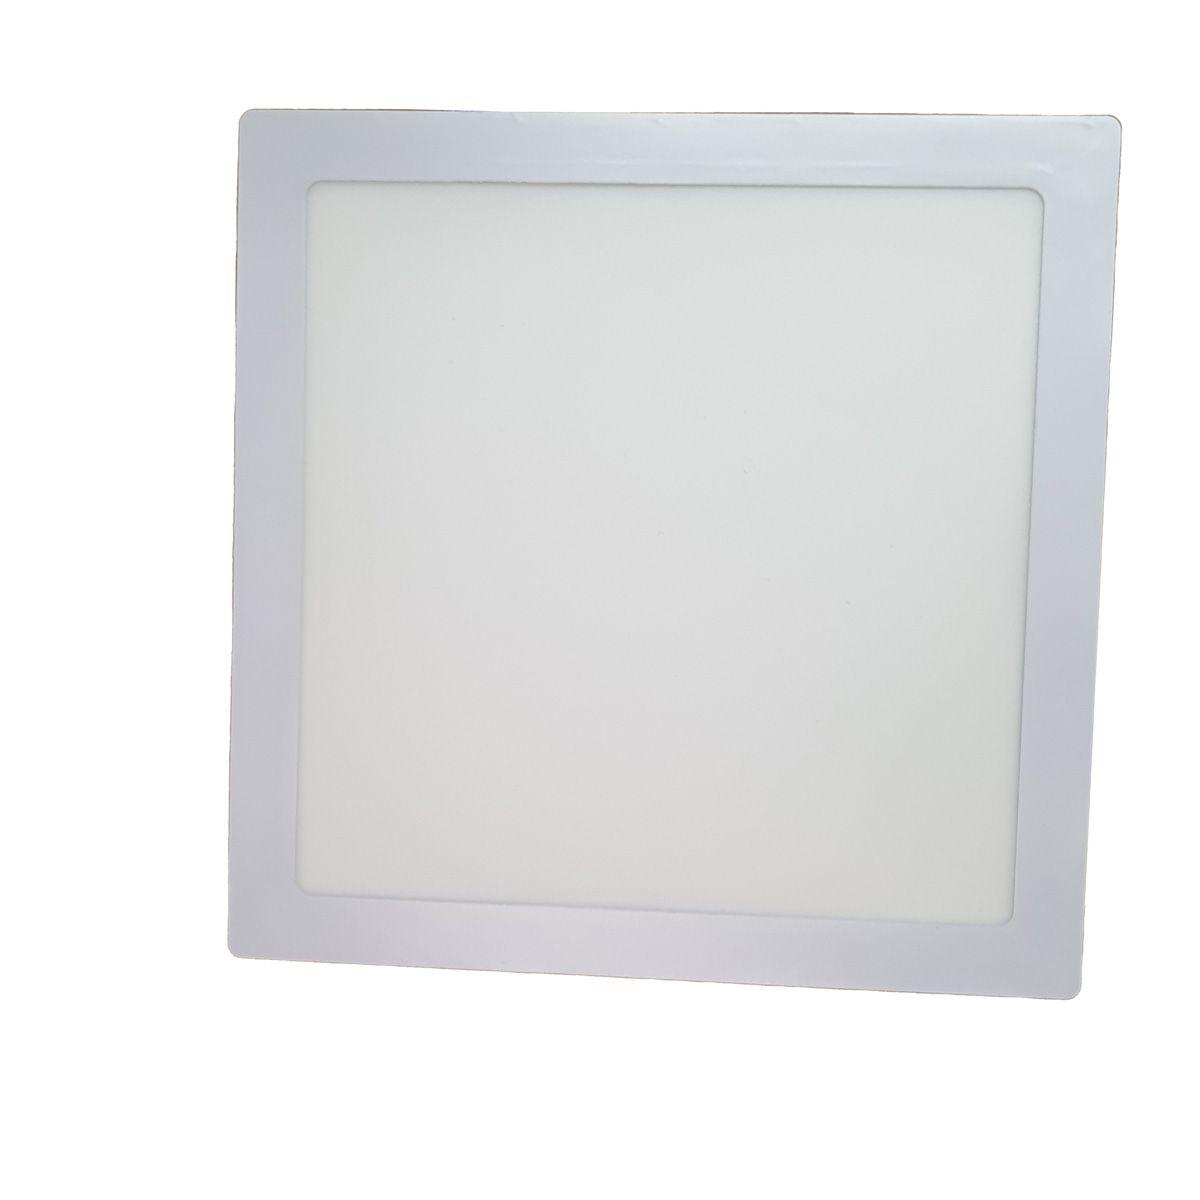 Kit 5 Painel Plafon Luminária LED 24w Frio Embutir Quadrado